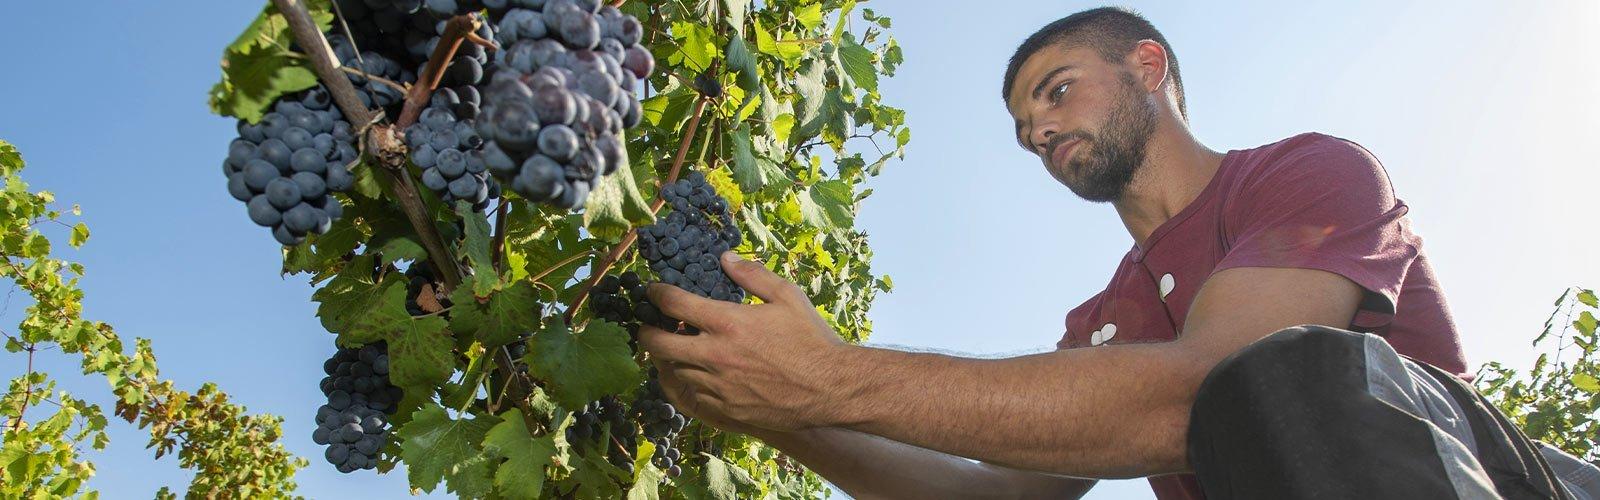 Cavallero, un buon vino nasce in vigna